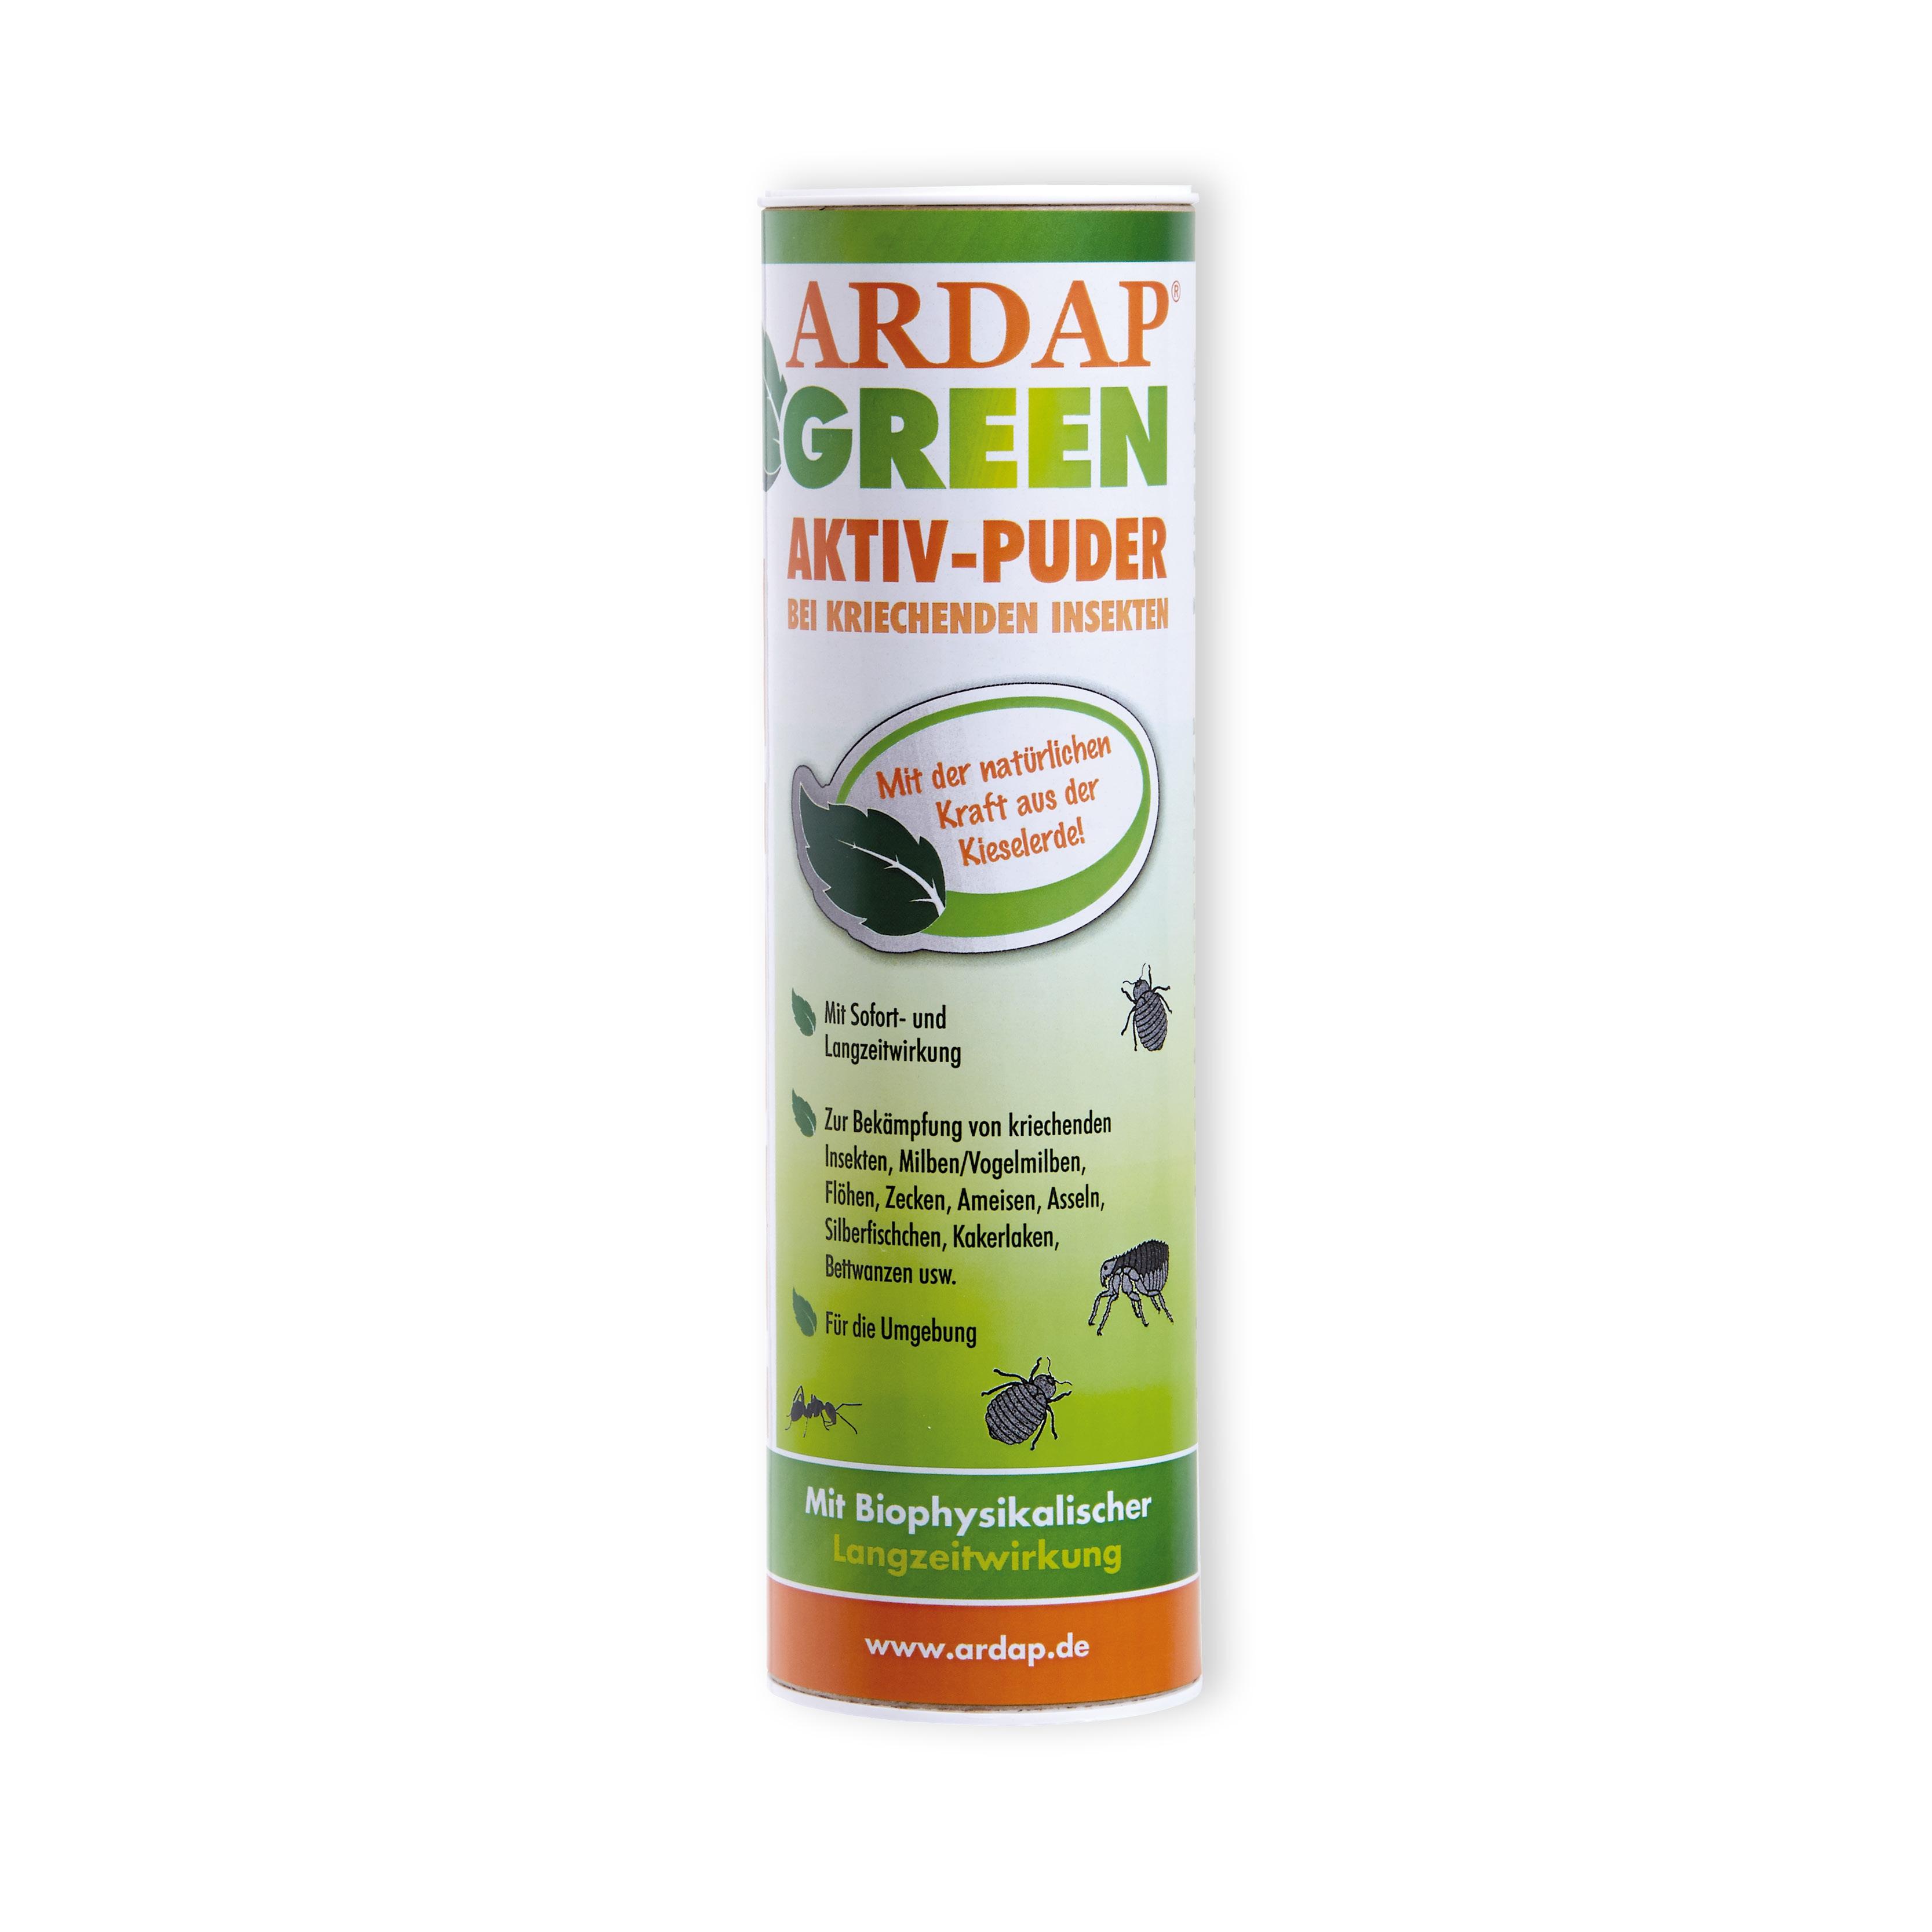 Ardap Green Poudre 100% naturelle anti parasites - 2 kg